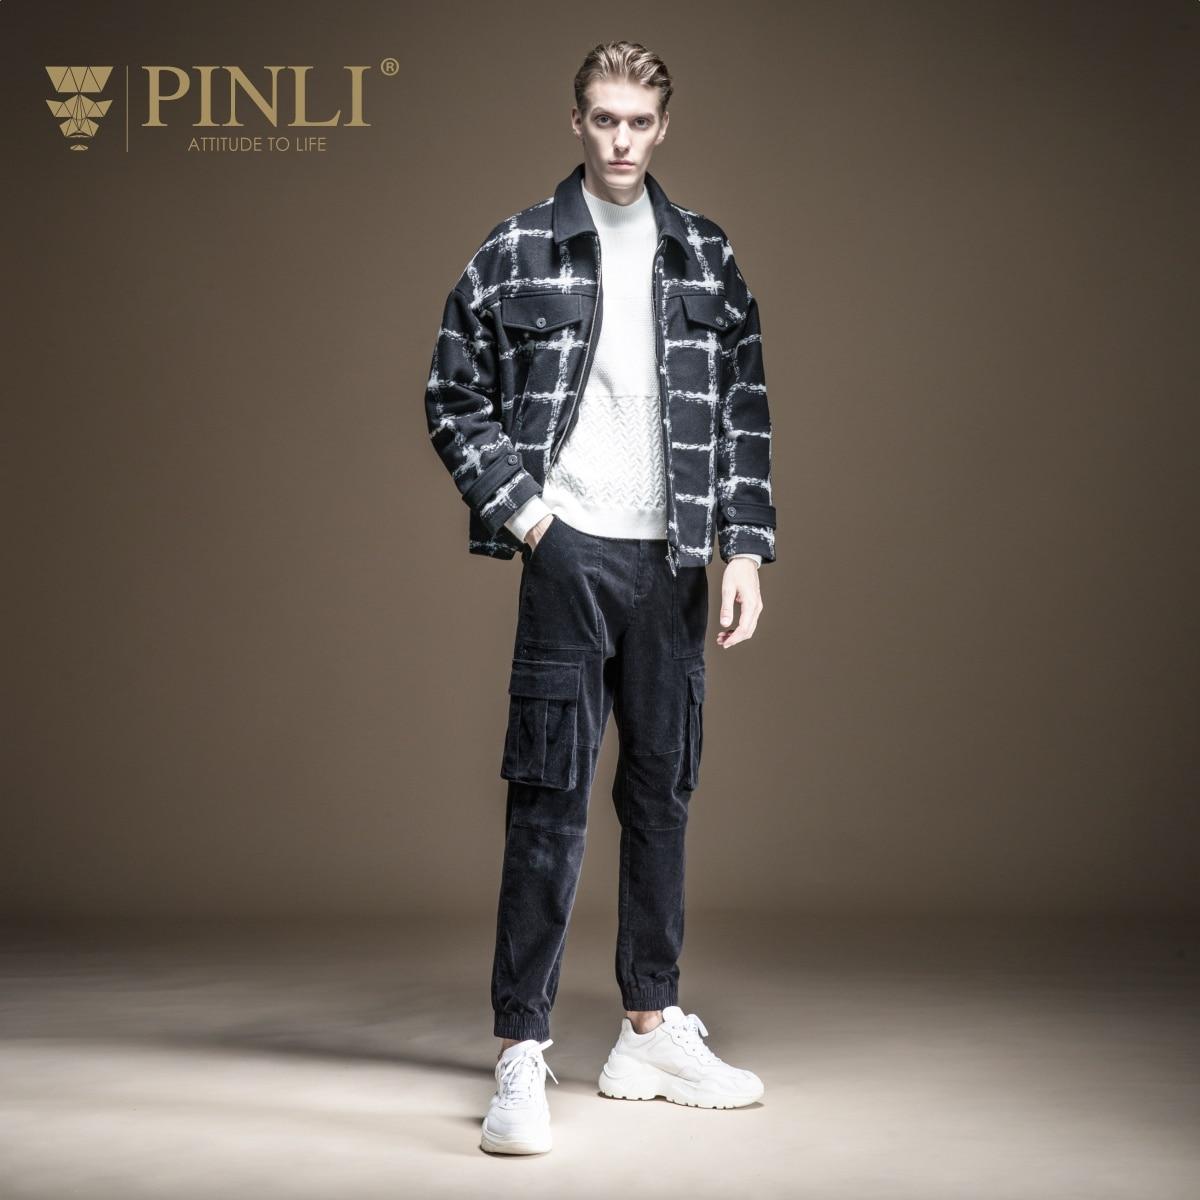 Palto completo Real hecho masculino breve párrafo 2019 otoño la nueva ropa de hombre abrigo de tela celosía ovejas de felpa solapas B193502351 - 2